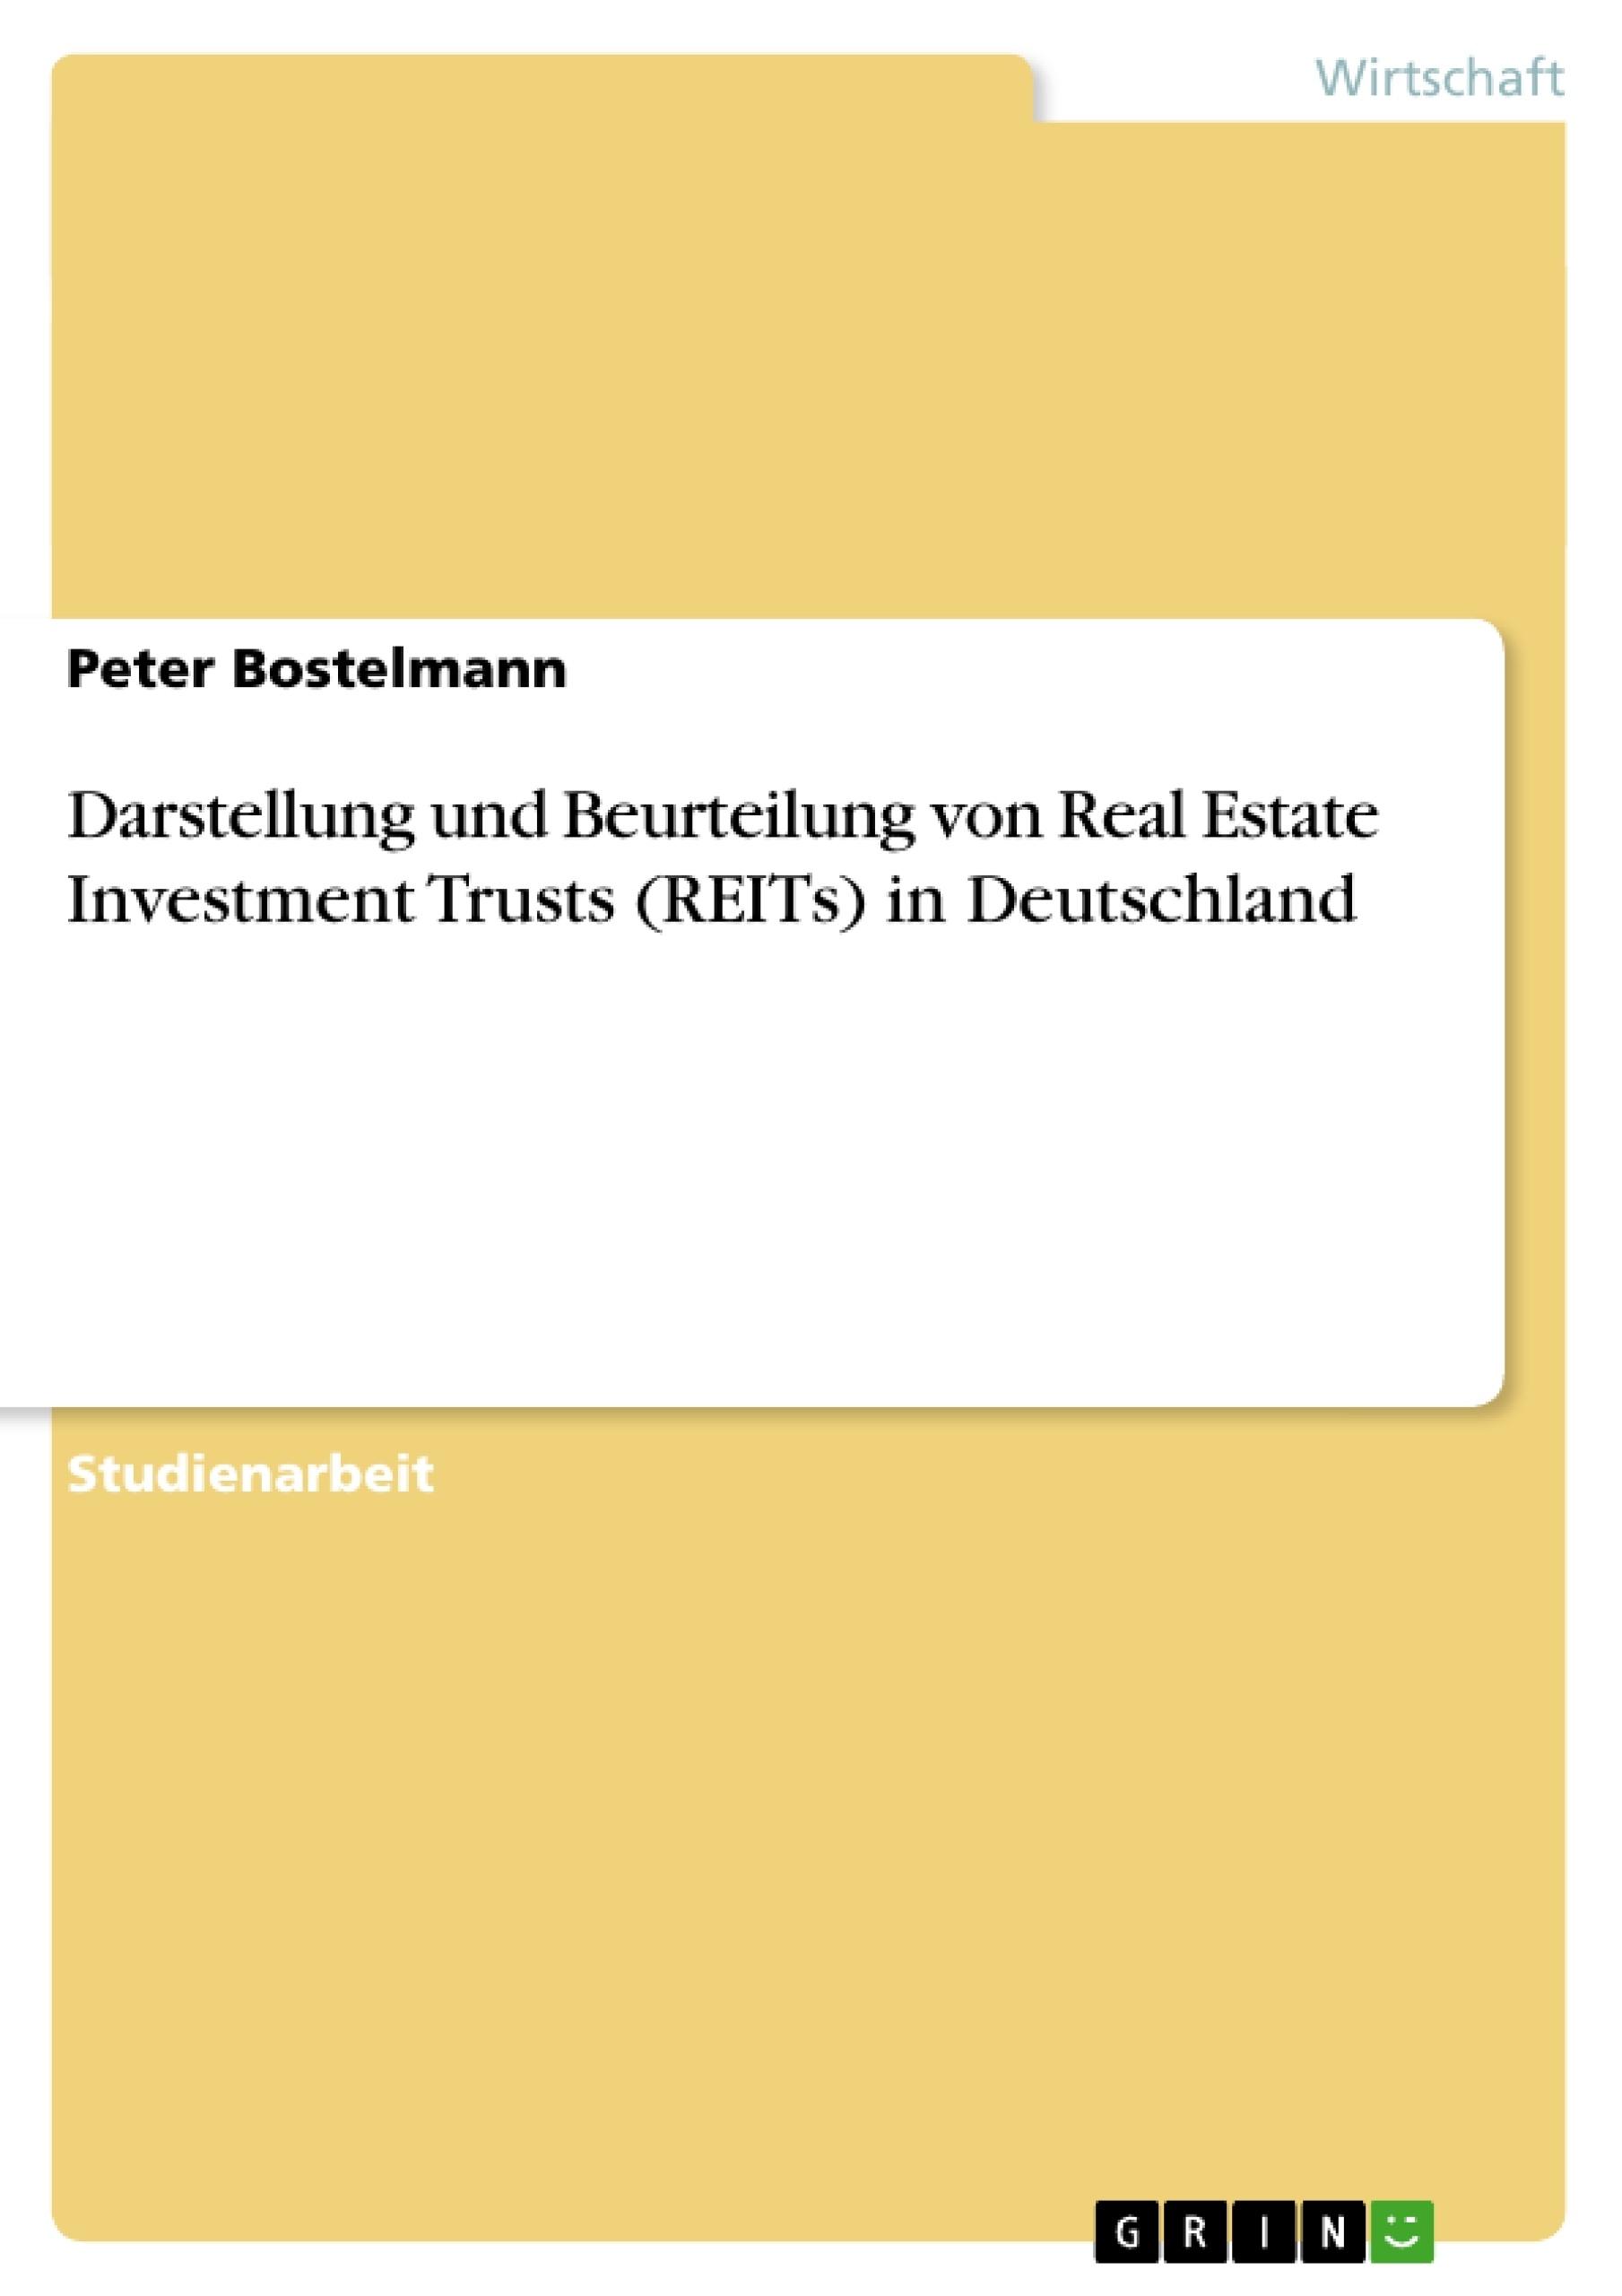 Titel: Darstellung und Beurteilung von Real Estate Investment Trusts (REITs) in Deutschland